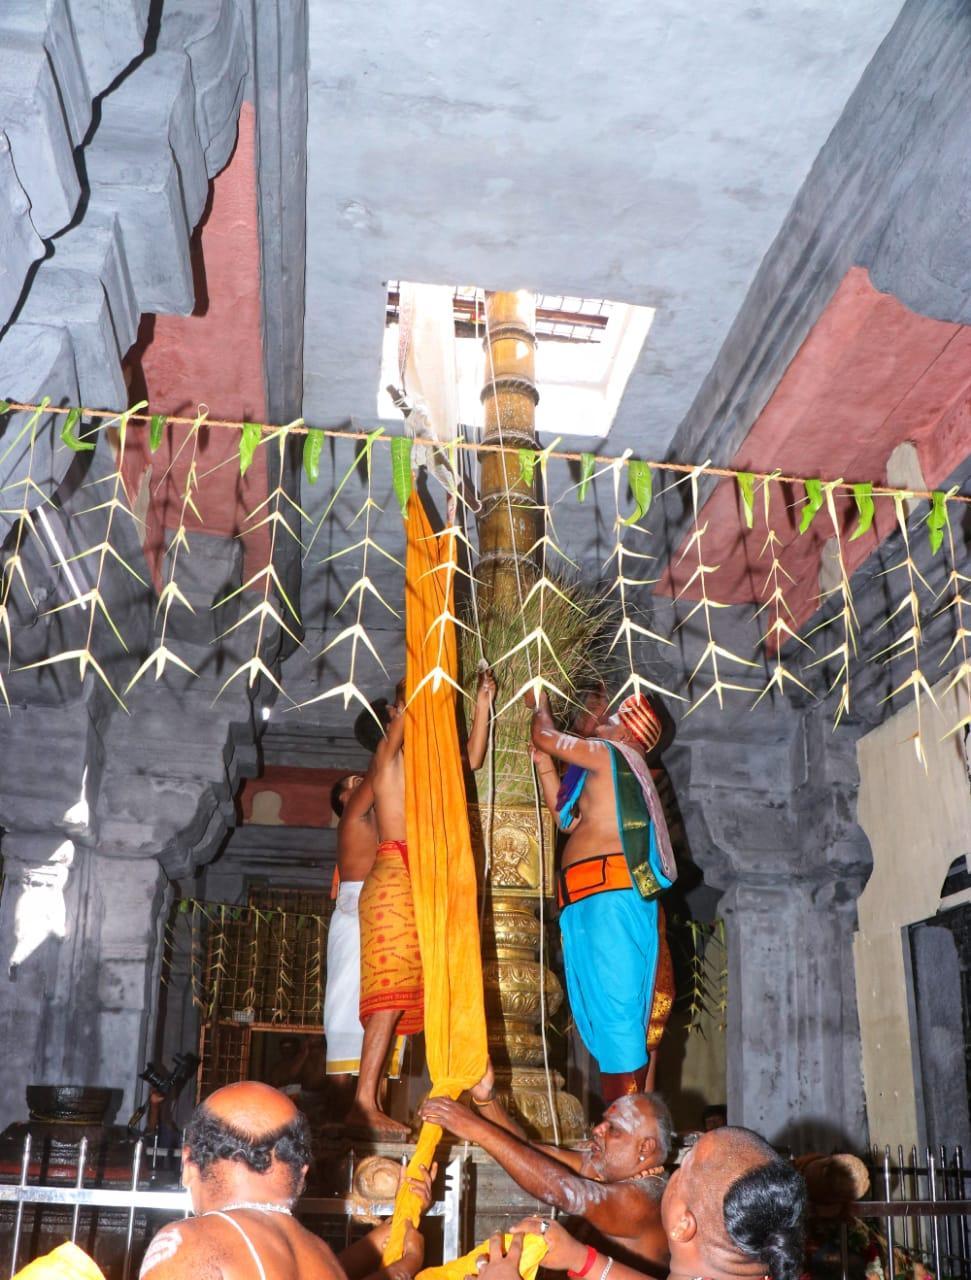 மாசி மகா சிவராத்திரி திருவிழா கொடியேற்றம்.